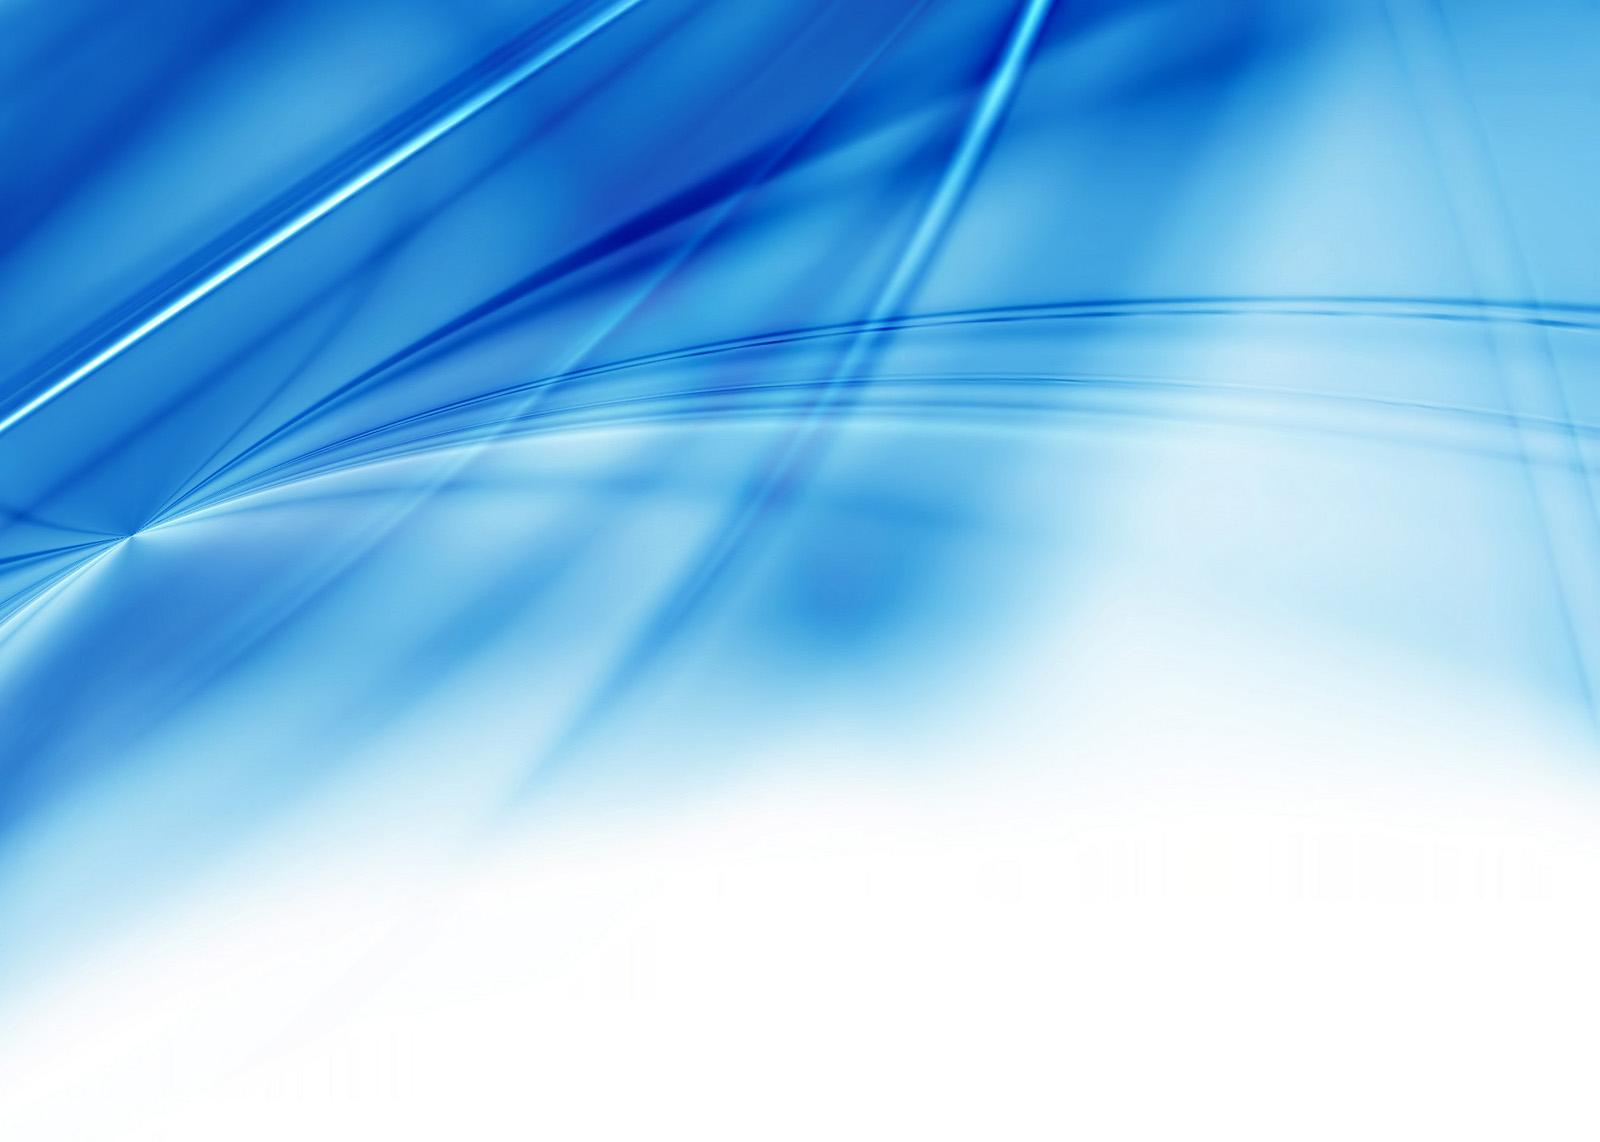 蓝色背景素材超级好用